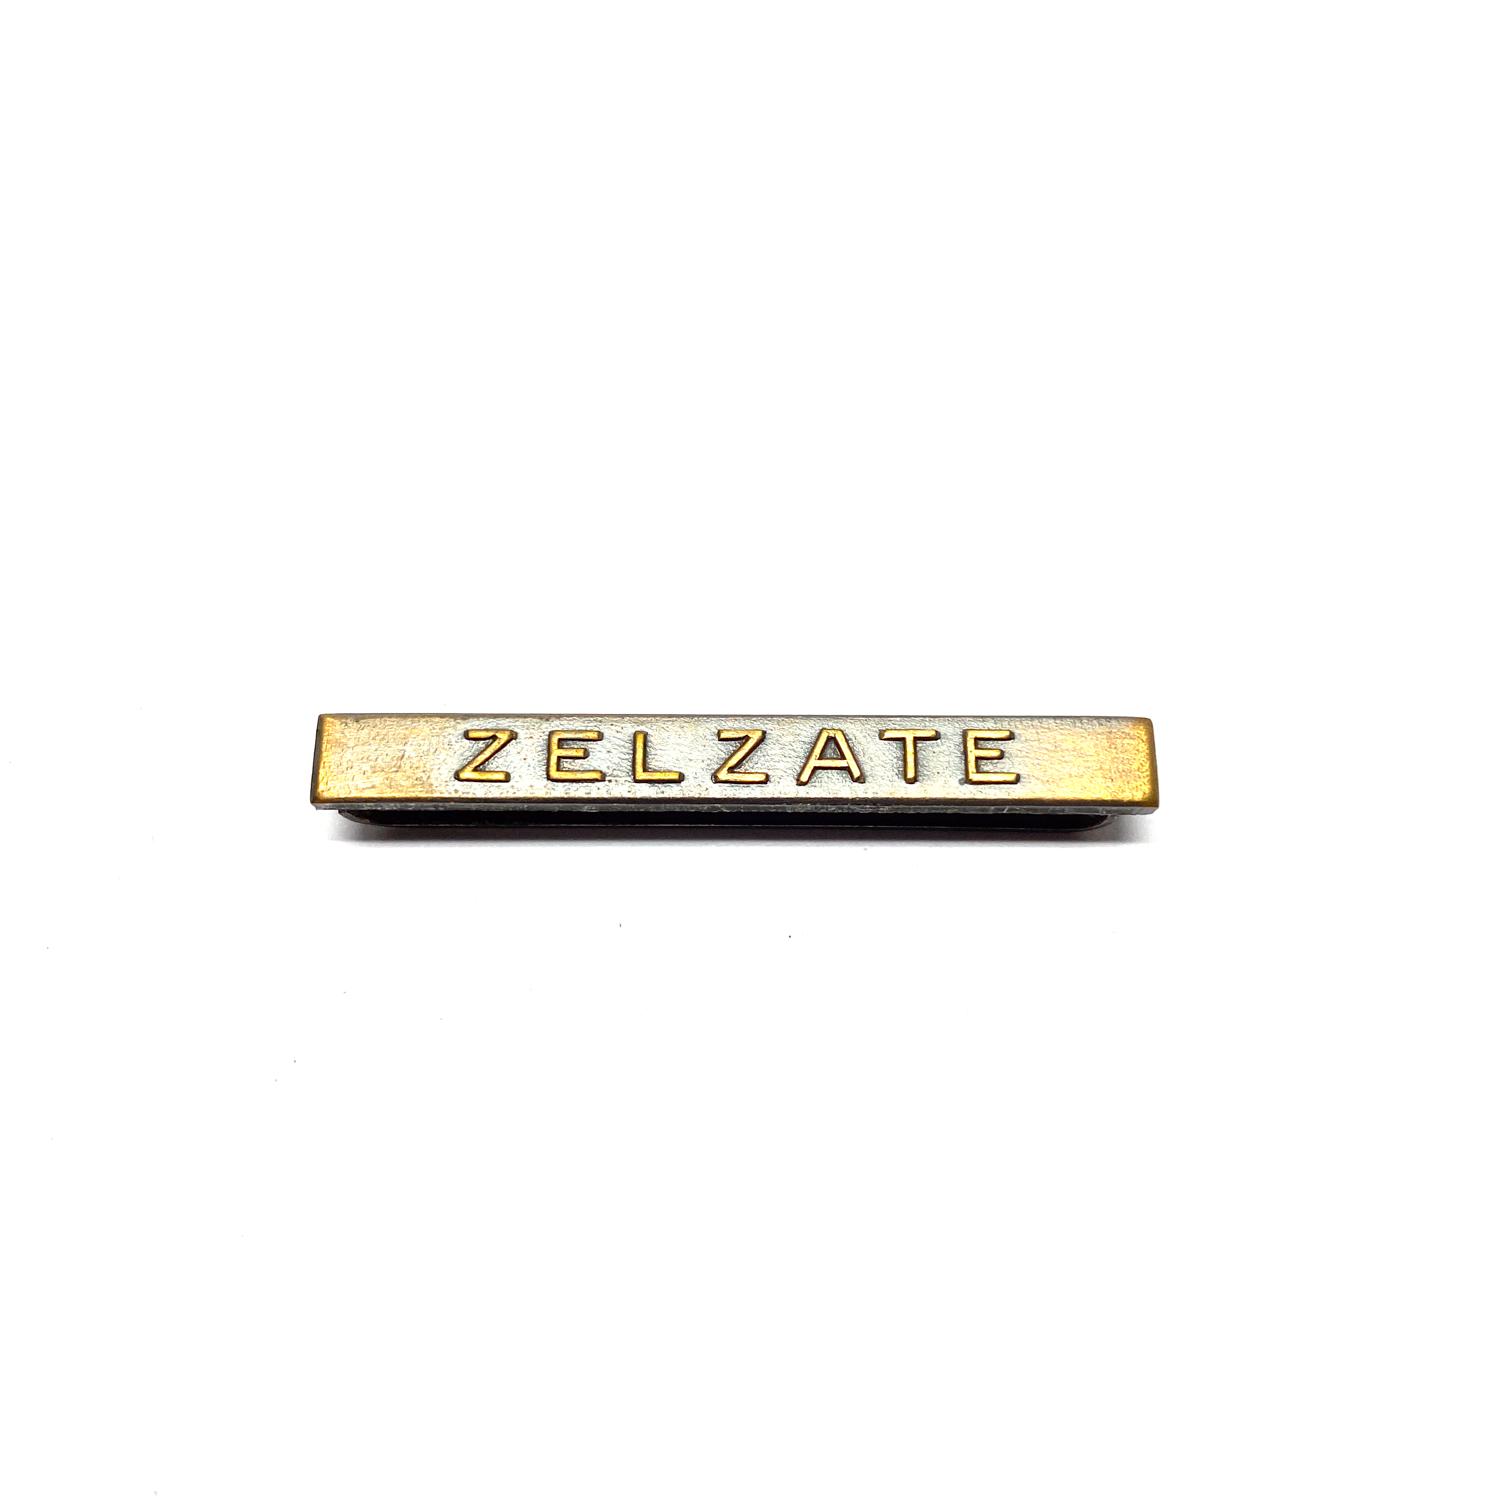 Barrette Zelzate pour décorations de guerre